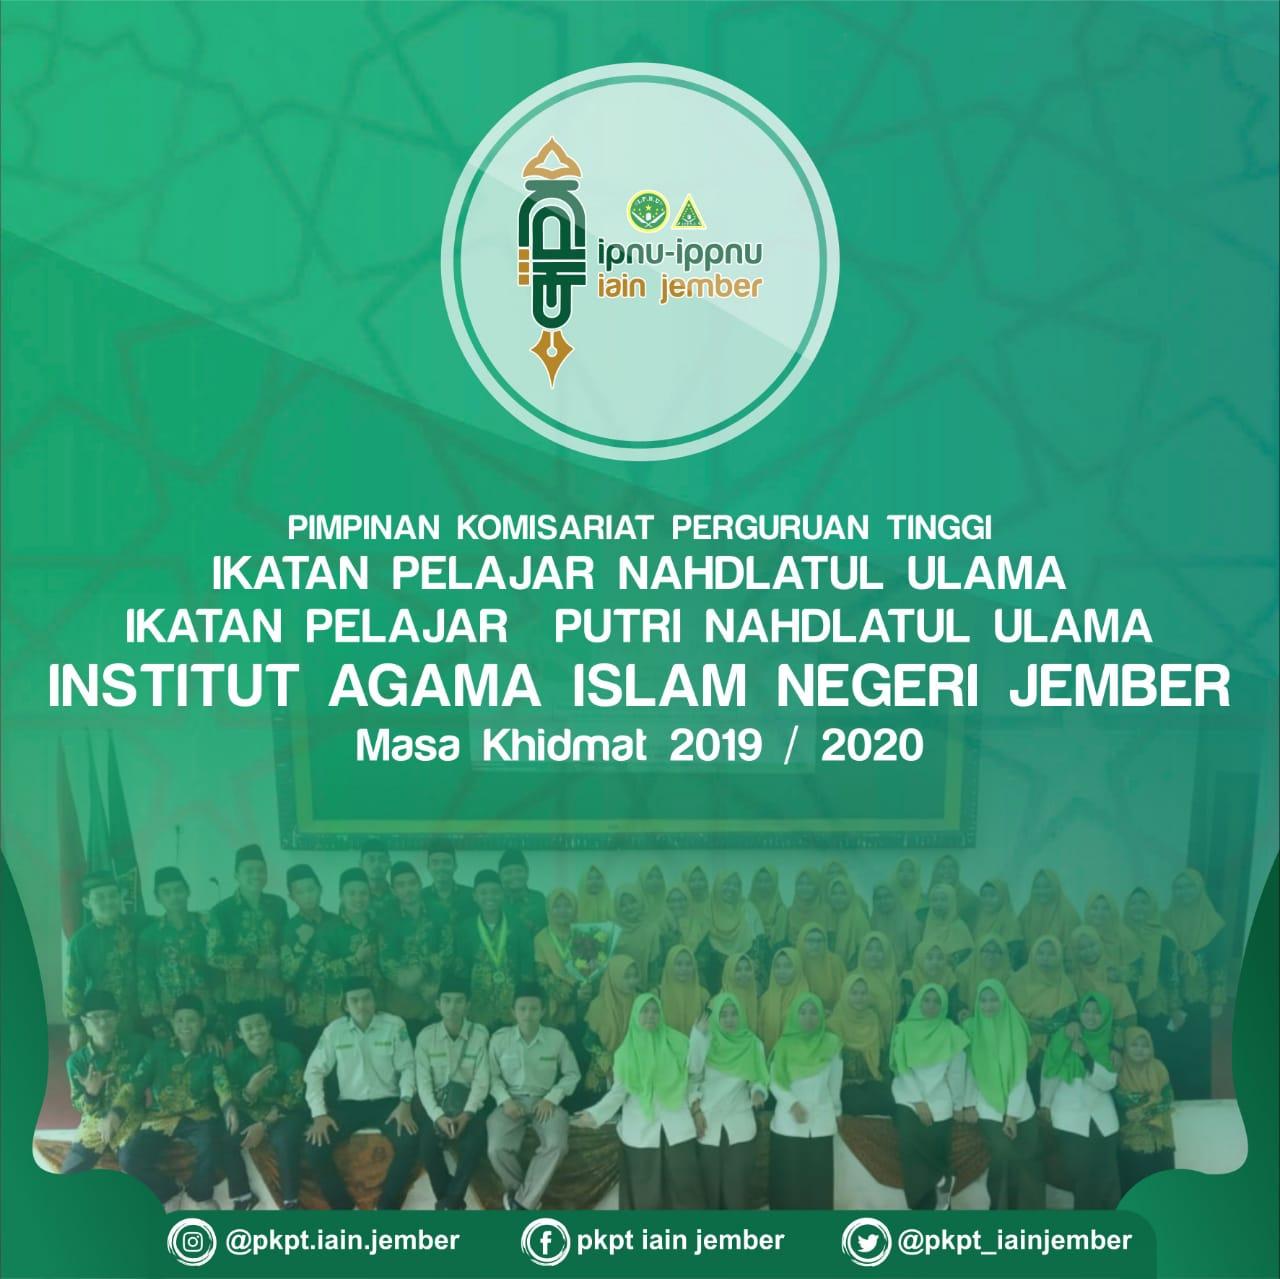 Pengurus PKPT IPNU IPPNU IAIN Jember 2019-2020